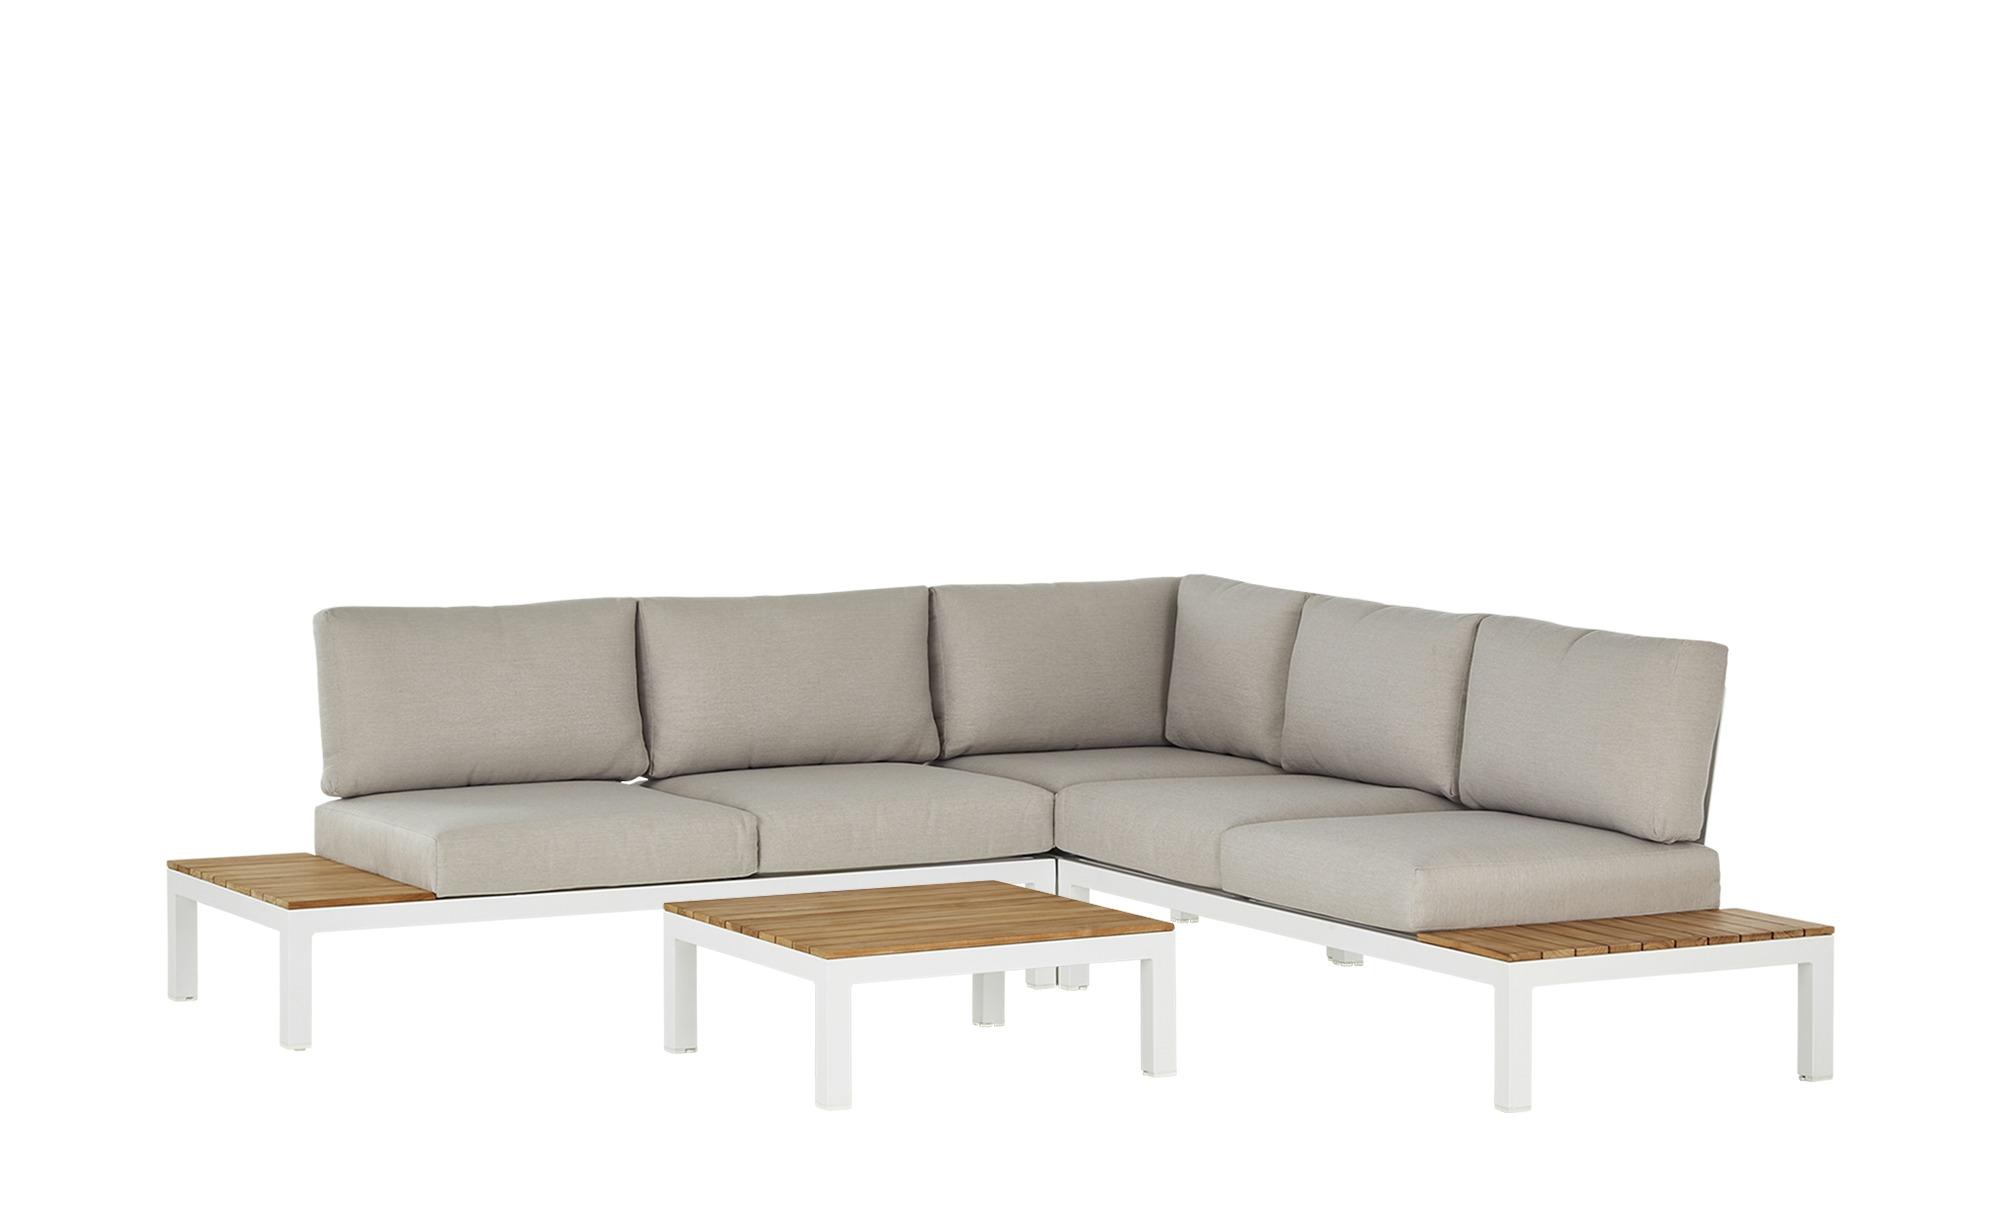 Garten Gartenmöbel Online Kaufen Möbel Suchmaschine Ladendirektde